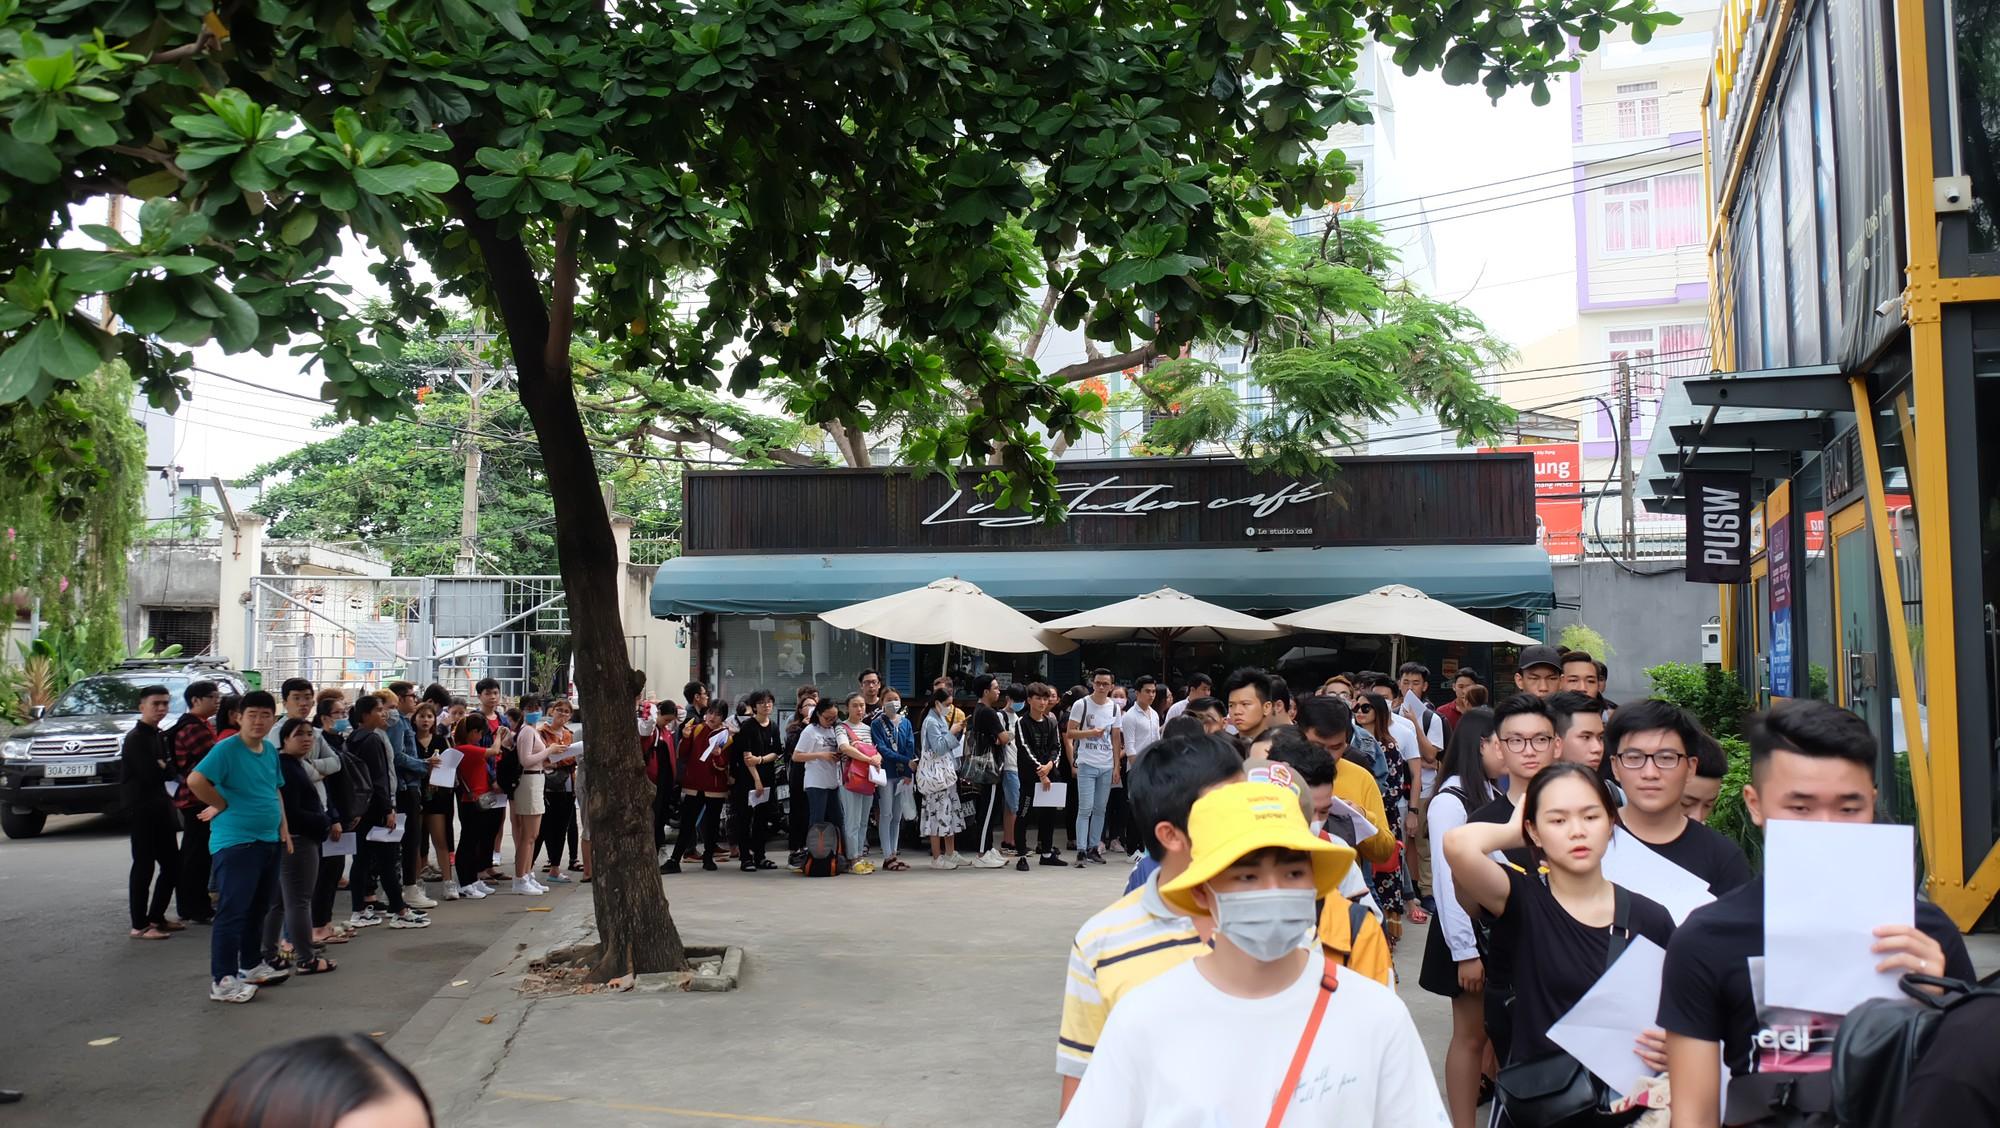 Hội fan cứng 10 năm đột kích, tổ chức sinh nhật bất ngờ khiến Minh Hằng khóc nức nở - Ảnh 12.